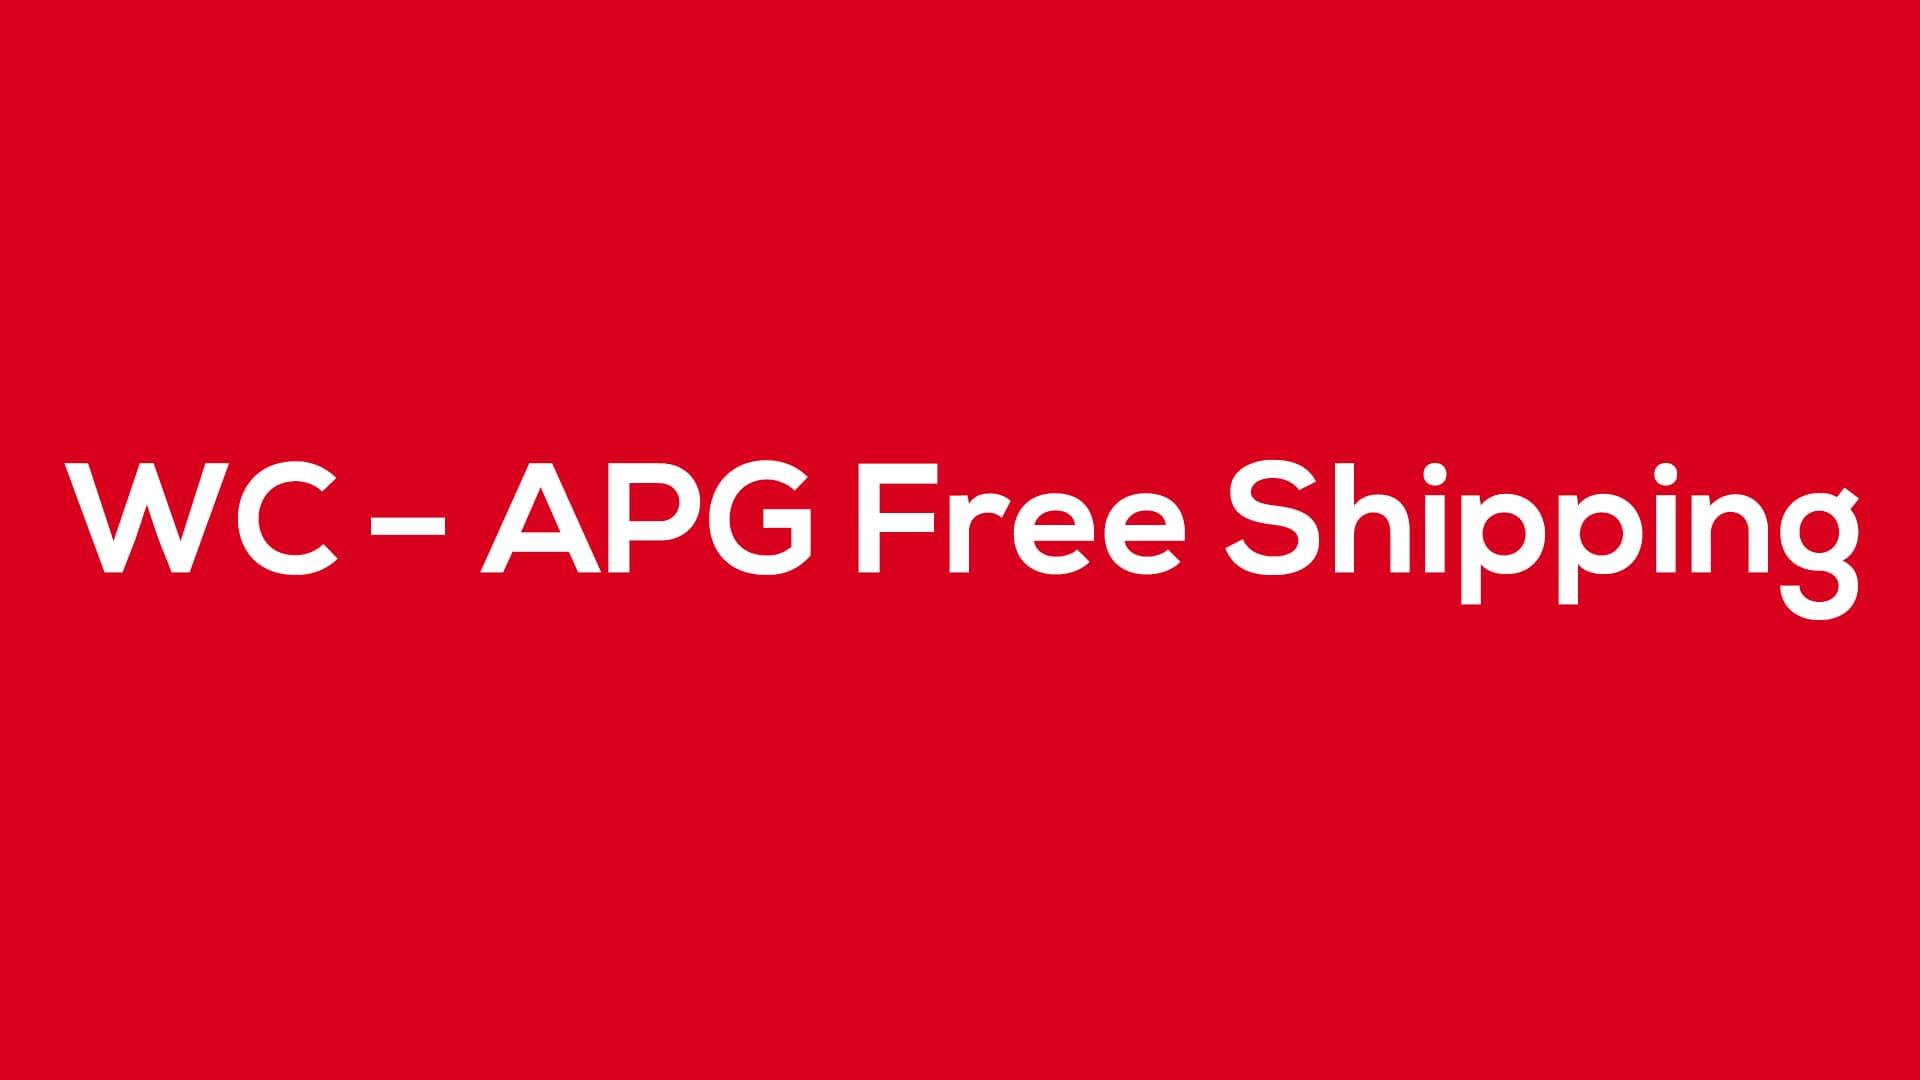 WC – APG Free Shipping - Blog